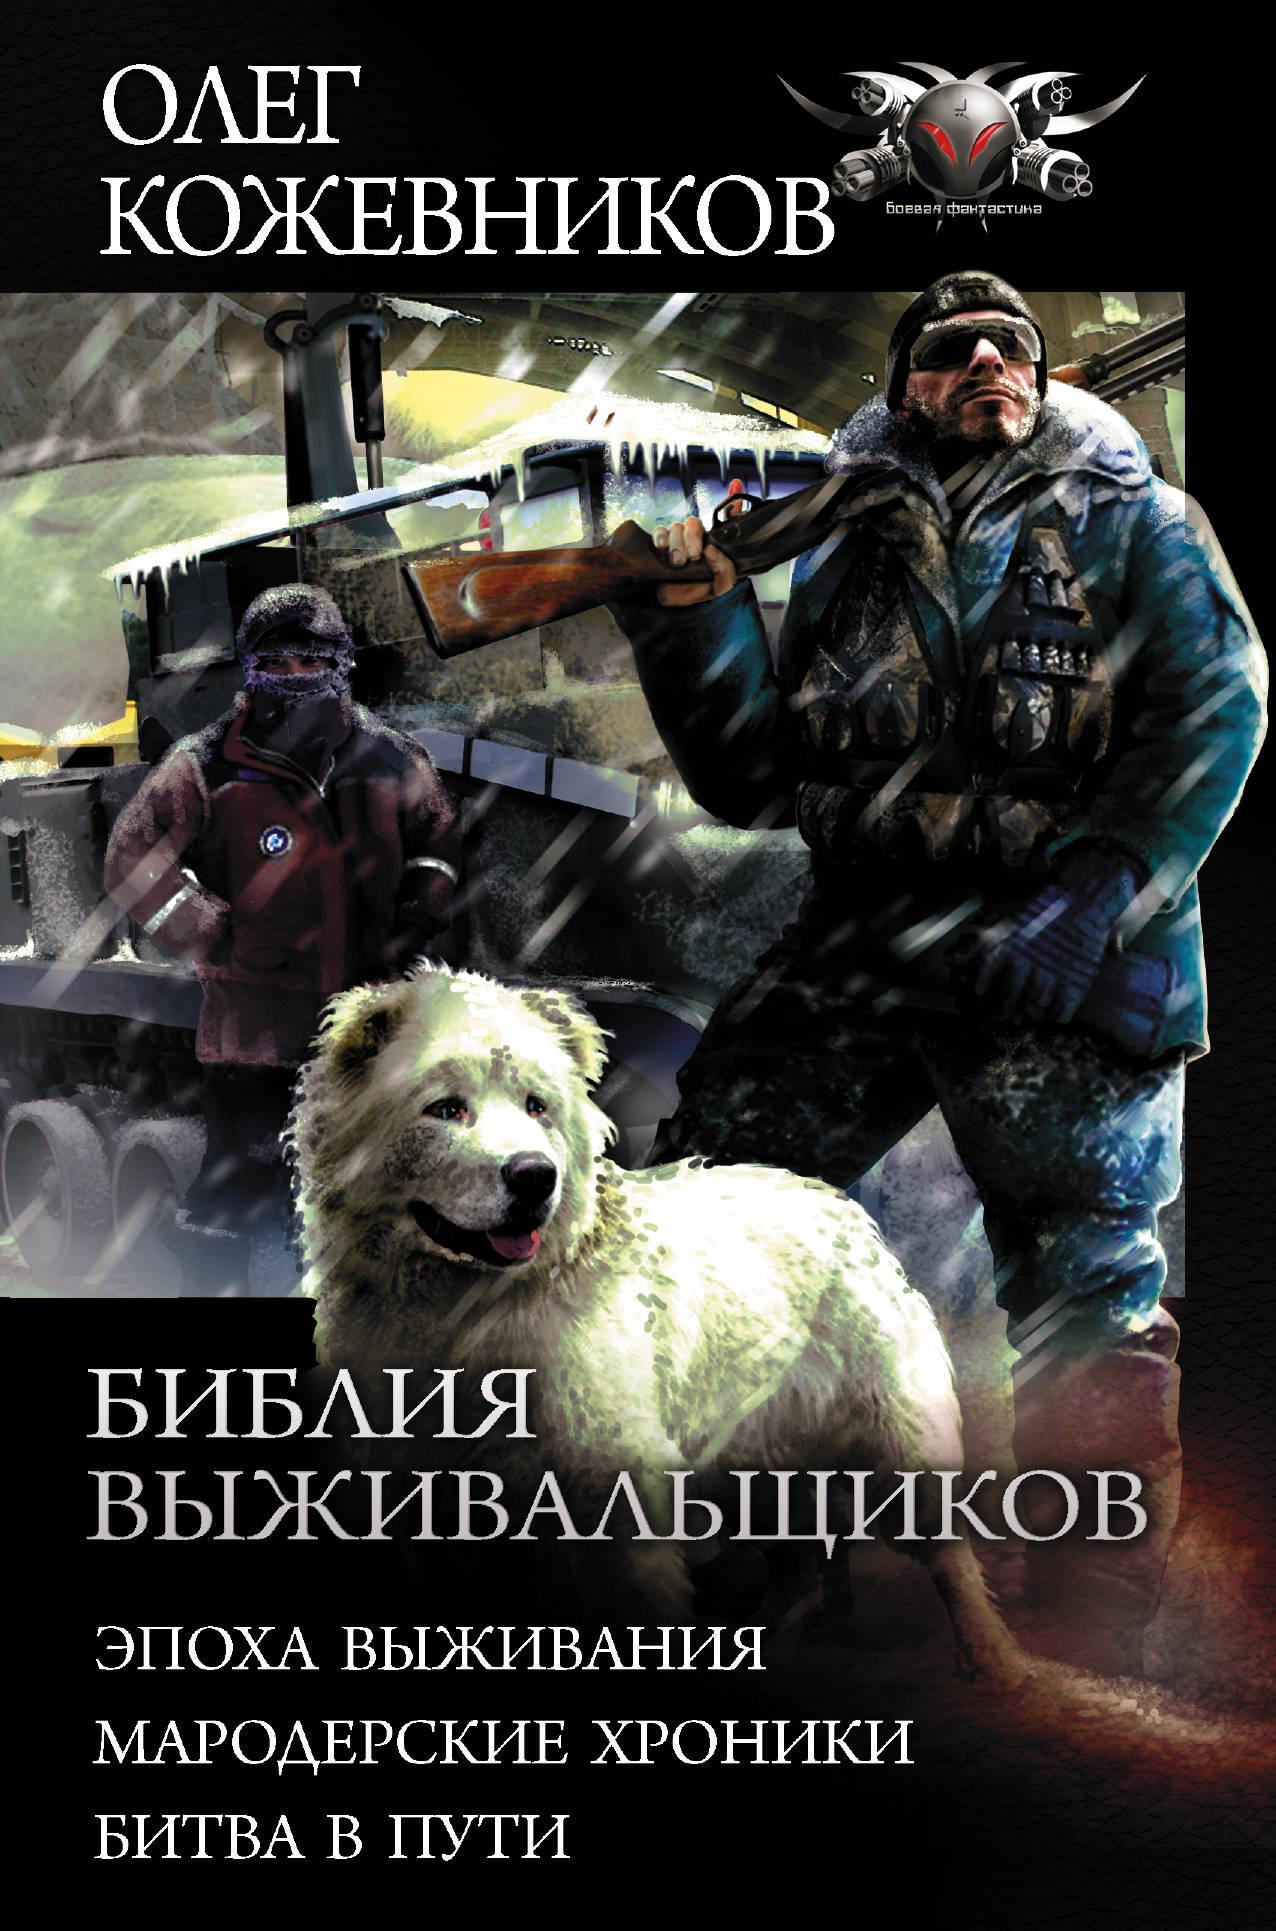 Biblija vyzhivalschikov